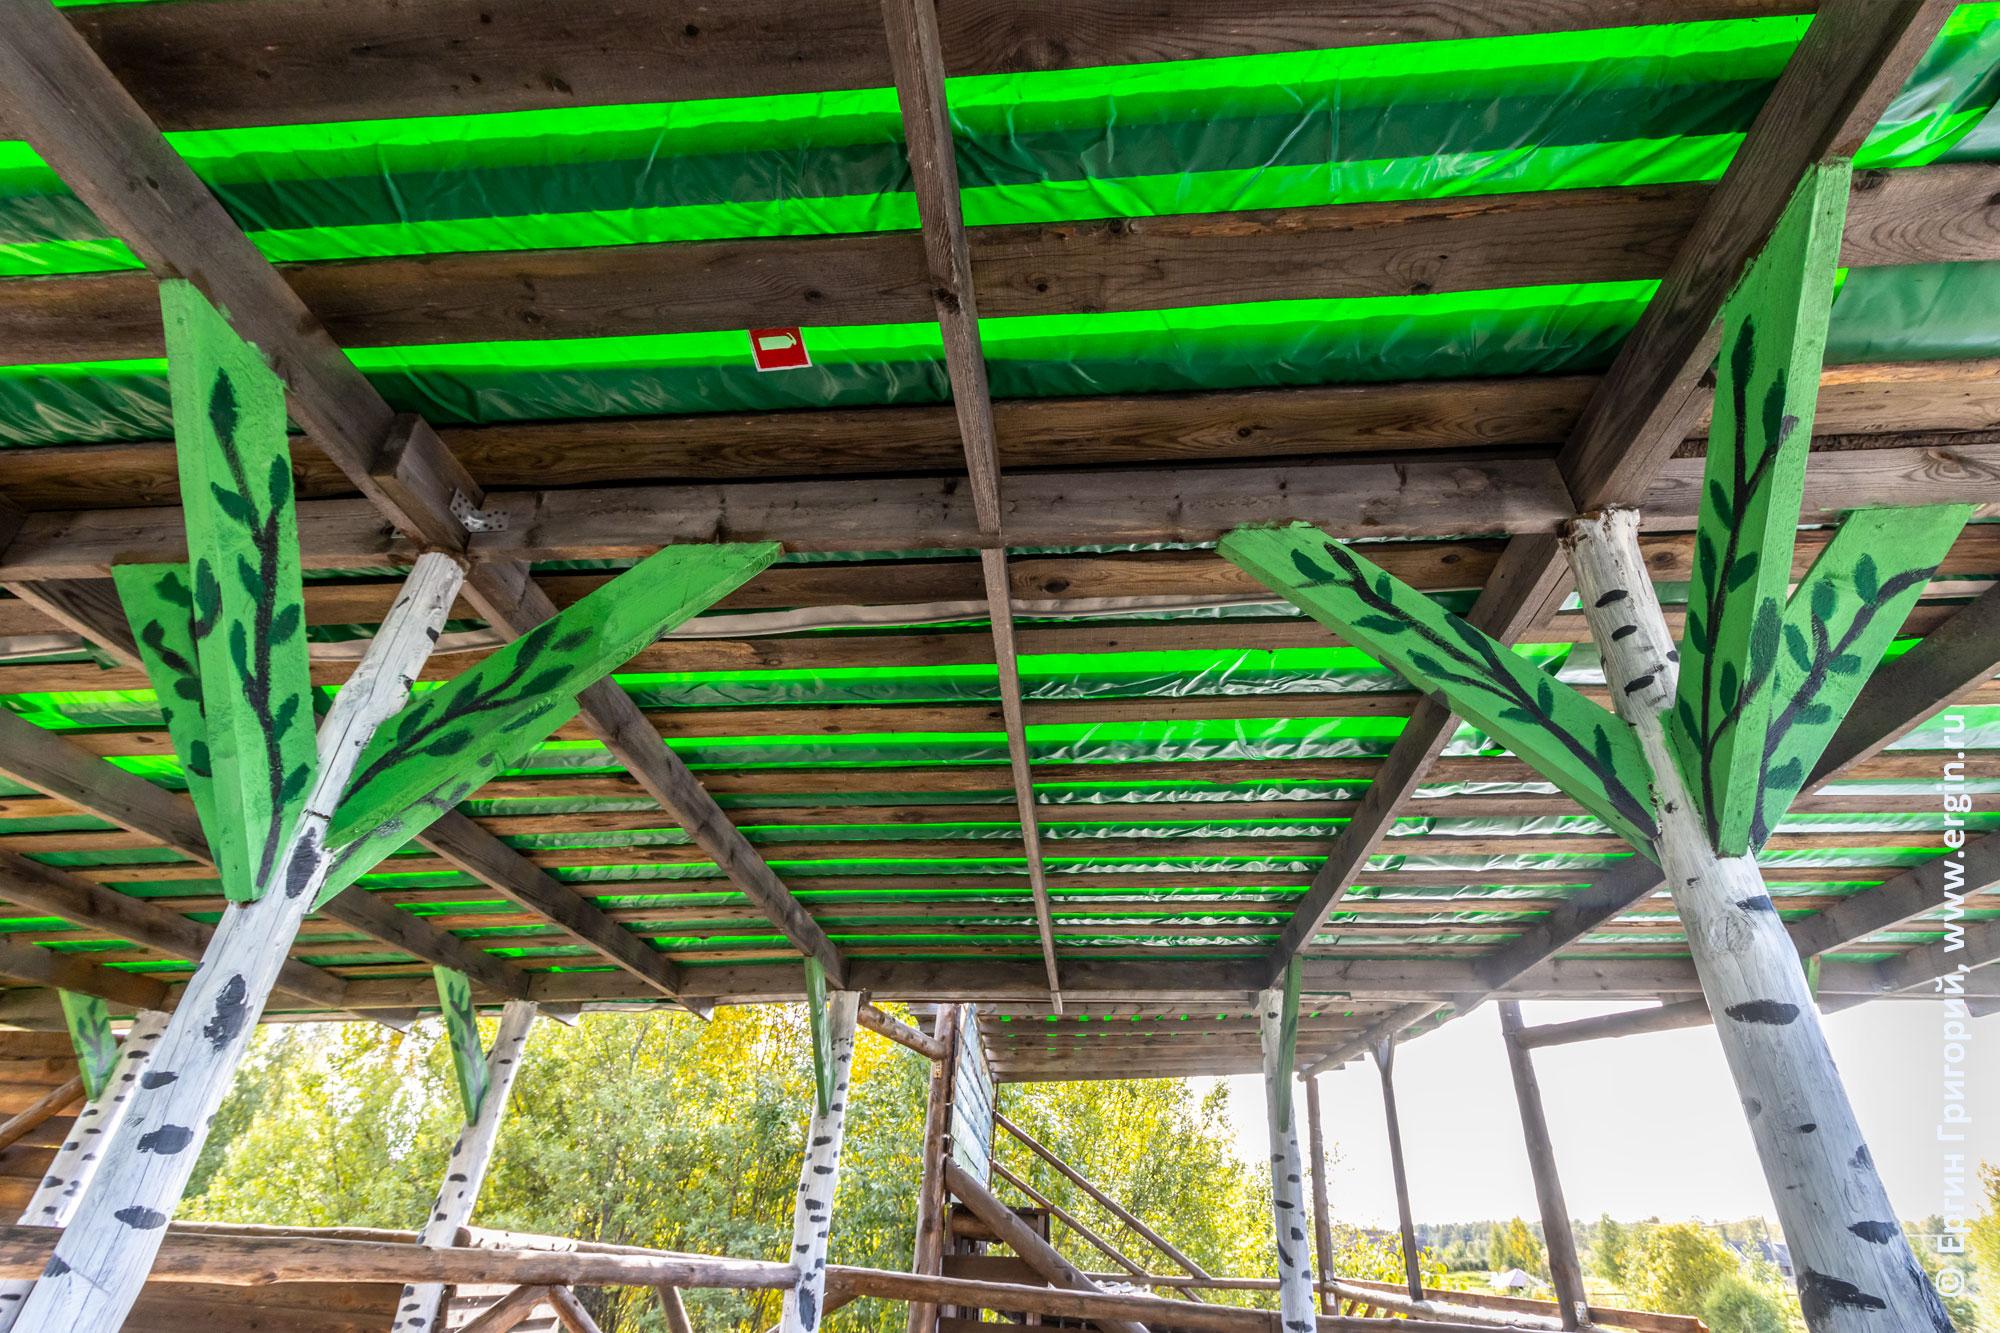 Дизайн крыши и столбов-подпорок у спортивных сооружений в Тивдии для соревнований по фристайл-каякингу